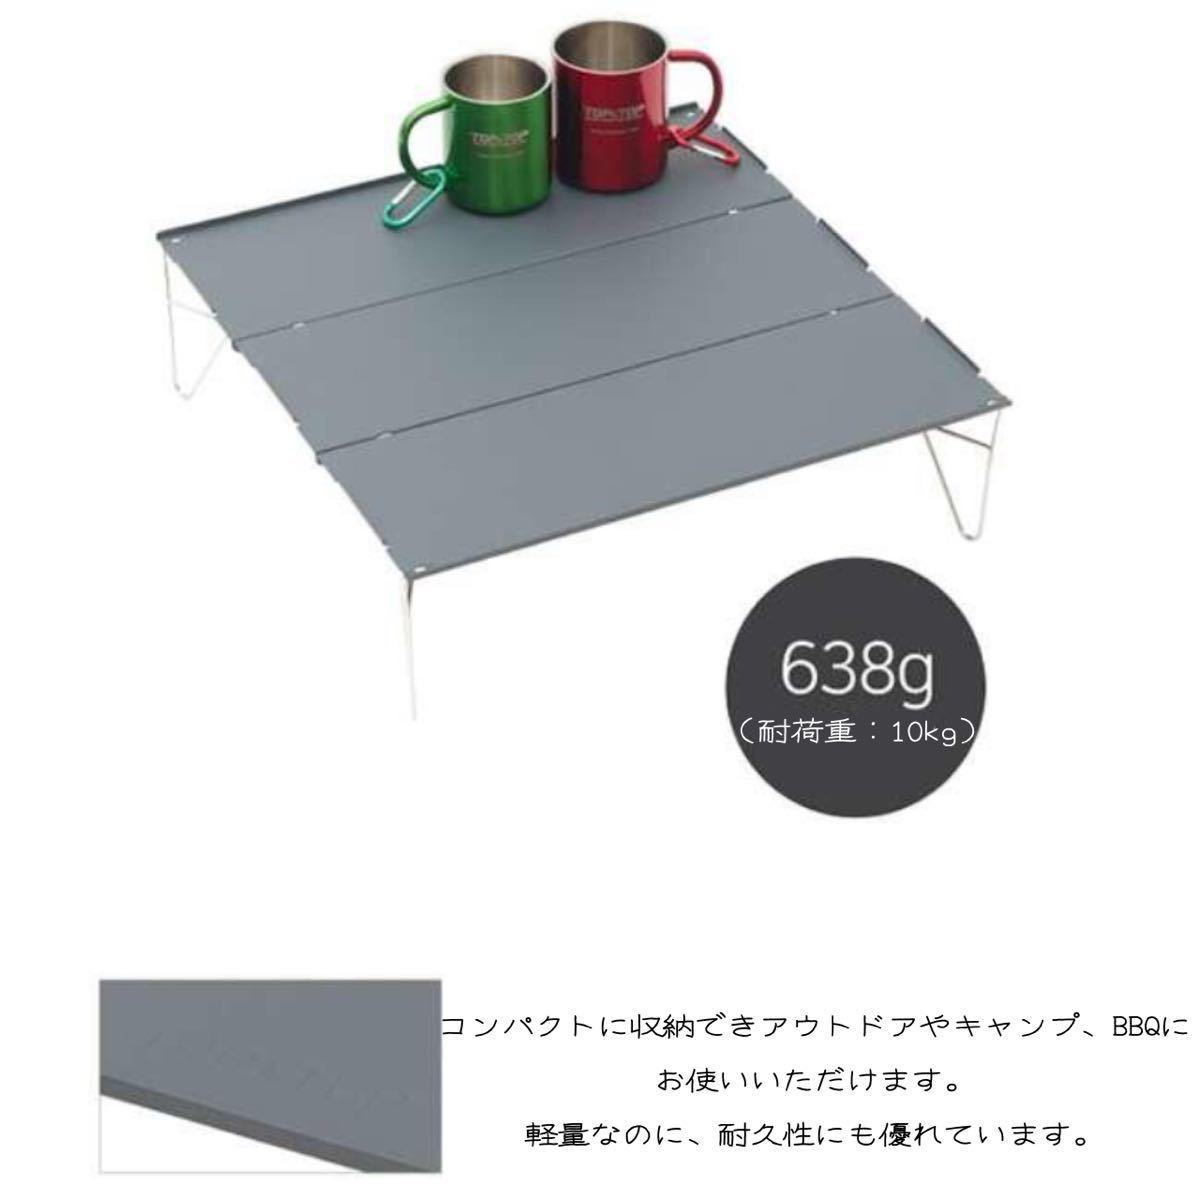 ソロテーブル ローテーブル コンパクト アウトドア キャンプ 軽量 収納ケース付